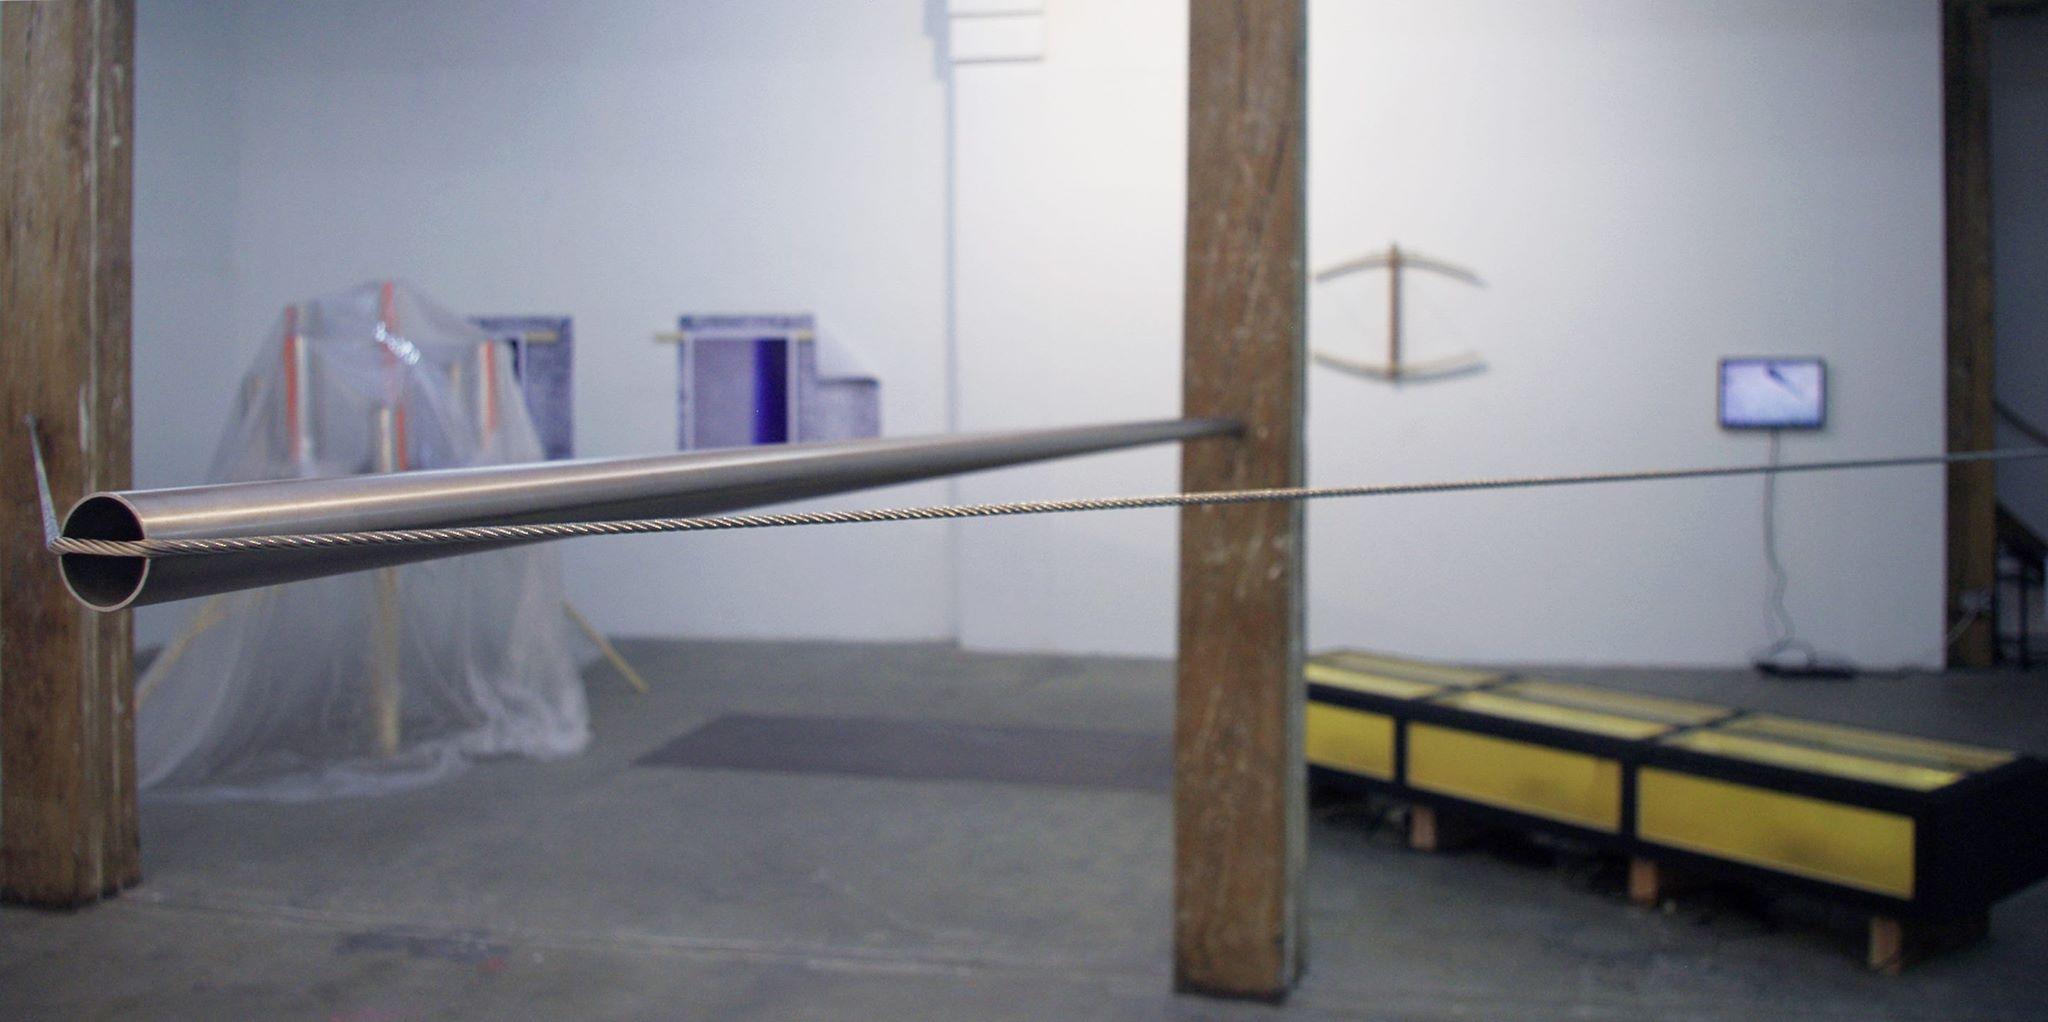 BLOOP (performance)   Pas Boing, ni Poum ni Tchak, mais Bloop. Pas la chanson de Kraftwerk, mais une fréquence ultra-basse d'une incroyable puissance dont l'origine reste un mystère pour les chercheurs. C'est cette onde sonore, appelée  Bloop , qui donne son nom à l'exposition collective organisée par la galerie La GAD Marseille, où sept artistes coréens et français tentent de donner forme sensible à ce déploiement invisible dans l'espace qu'est le son. Le vendredi 8, l'expo sera activée à travers deux performances de Vincent Puricelli et Arnaud Deschin. Un prélude sous-marin avant de retrouver, dès le 14 mai, quatre jours d'effervescence artistique dans tout Marseille, dans le cadre du Printemps de l'Art Contemporain.